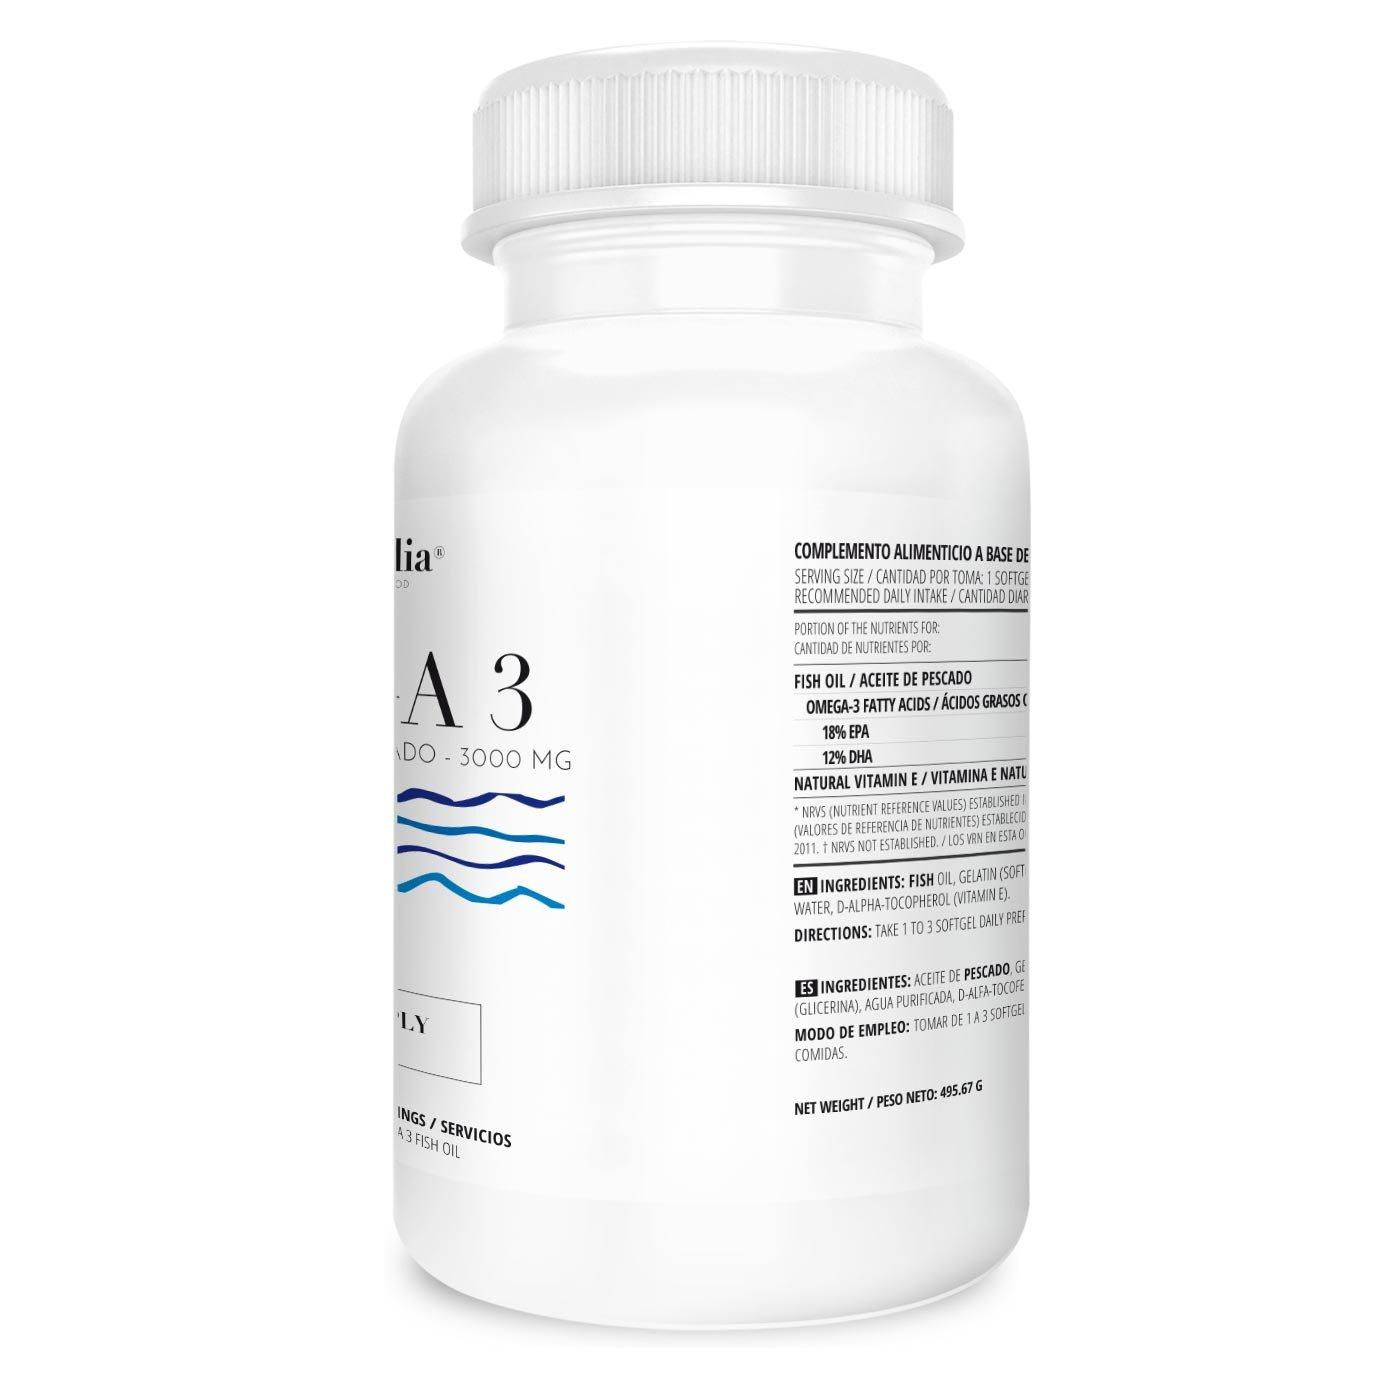 Omega 3 Aceite de Pescado | 1000mg en cada Perla - Suplementación para 1 Año | Ácidos Grasos Esenciales | Calidad de Vitaminalia: Amazon.es: Salud y cuidado ...